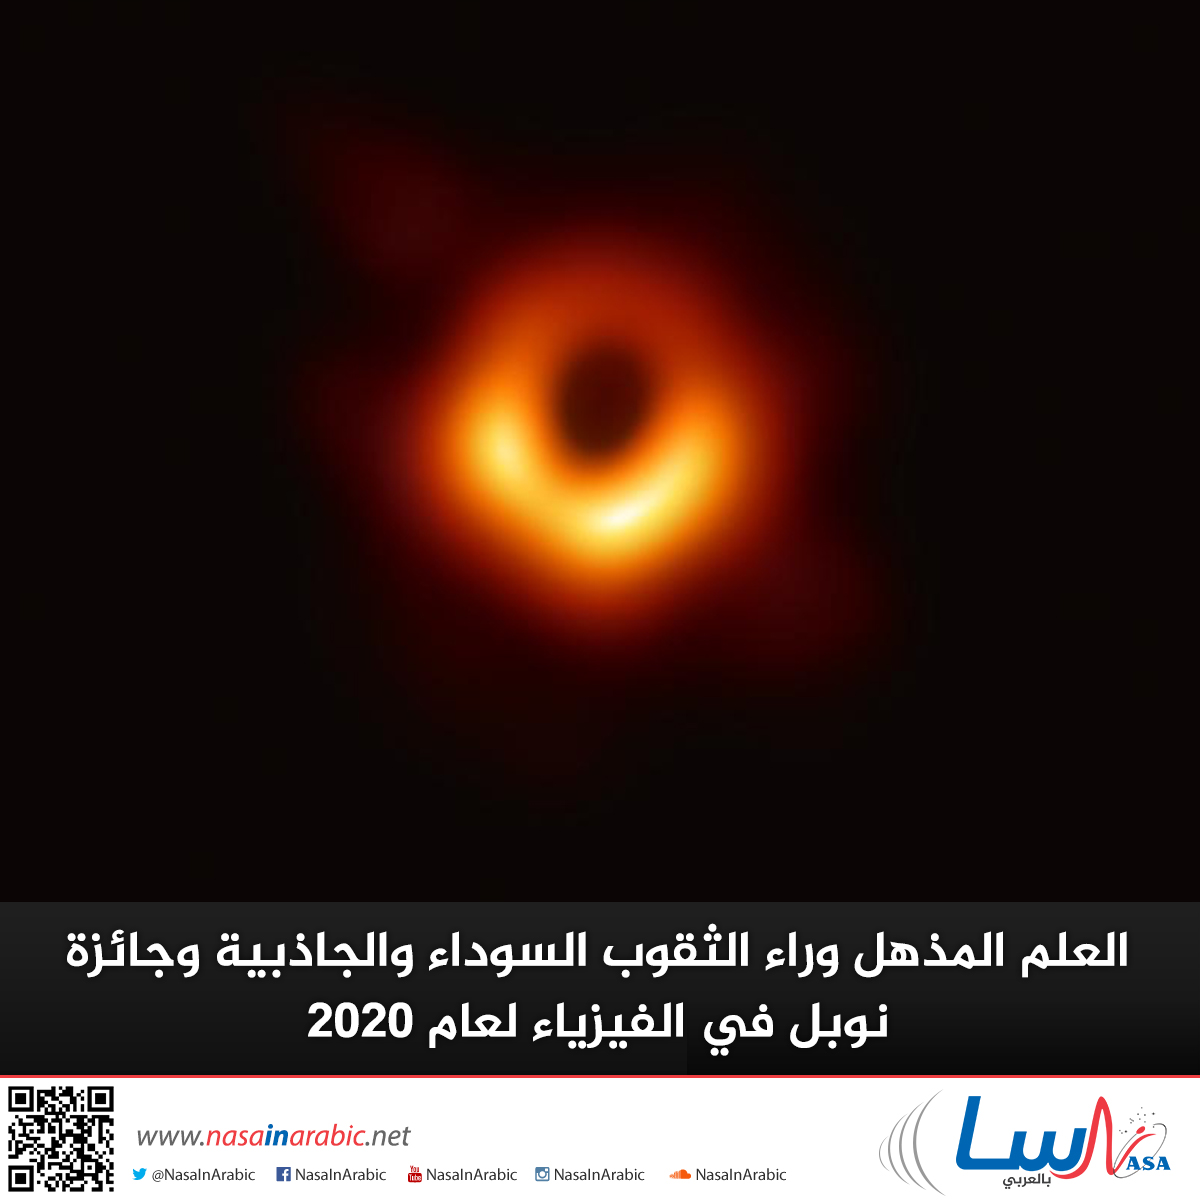 العلم المذهل وراء الثقوب السوداء والجاذبية وجائزة نوبل في الفيزياء لعام 2020